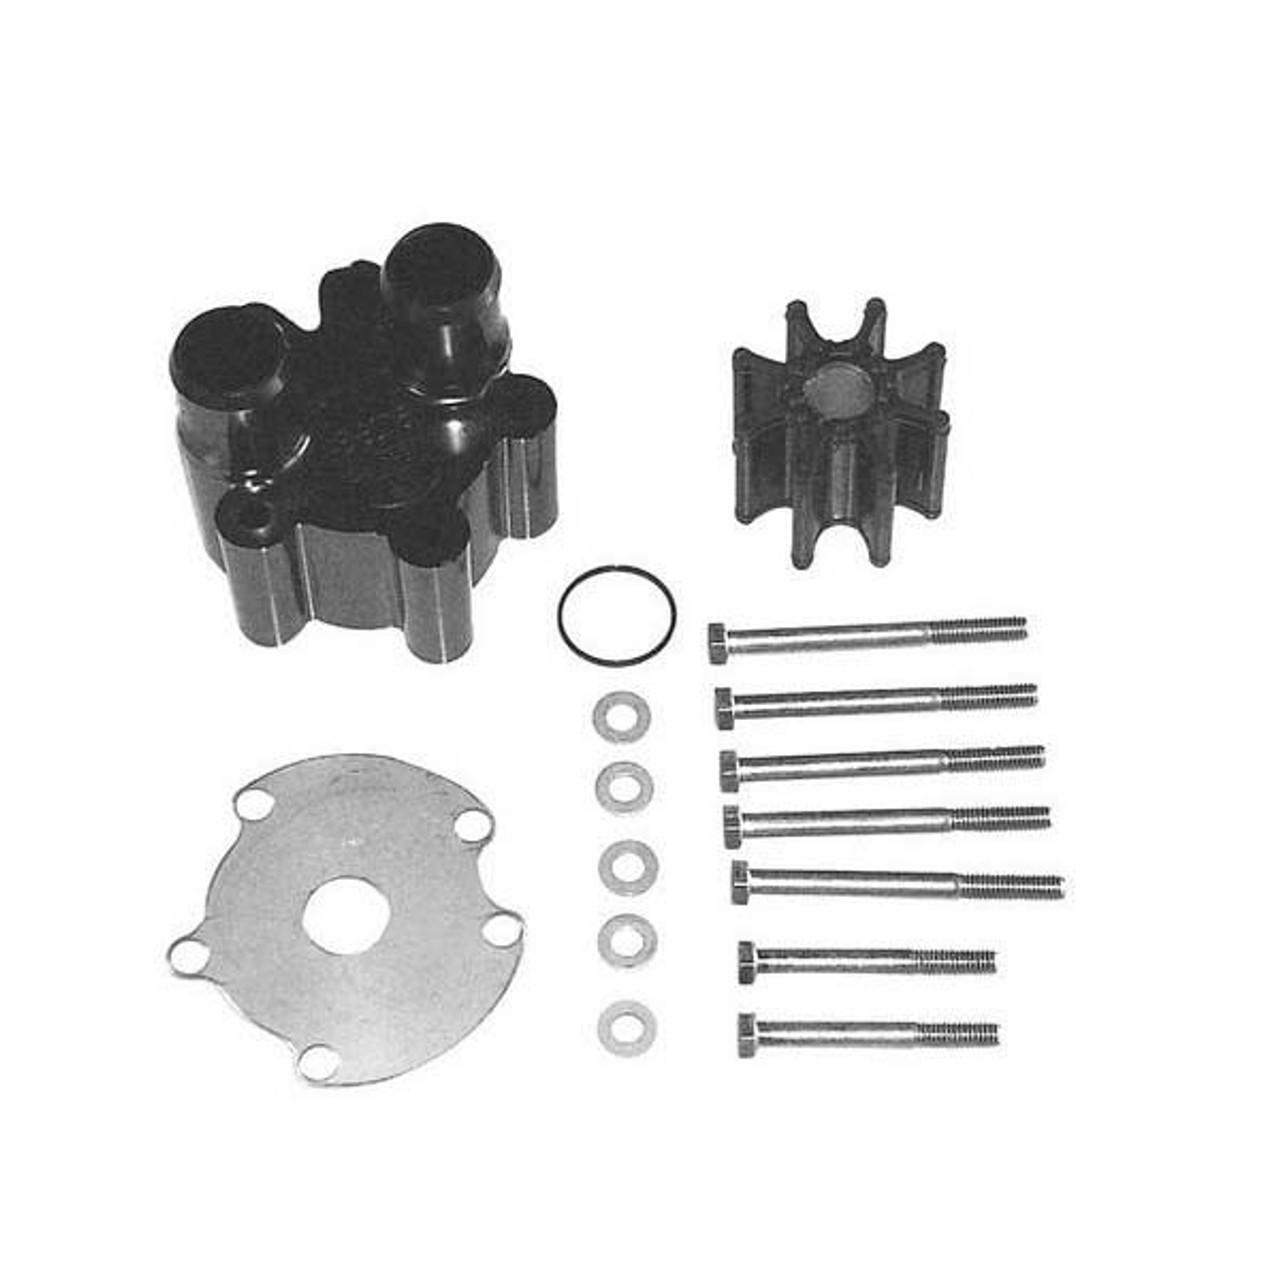 New Mercruiser Water Pump Body//impeller Kit quicksilver 47-59362t 6 Impeller Kit